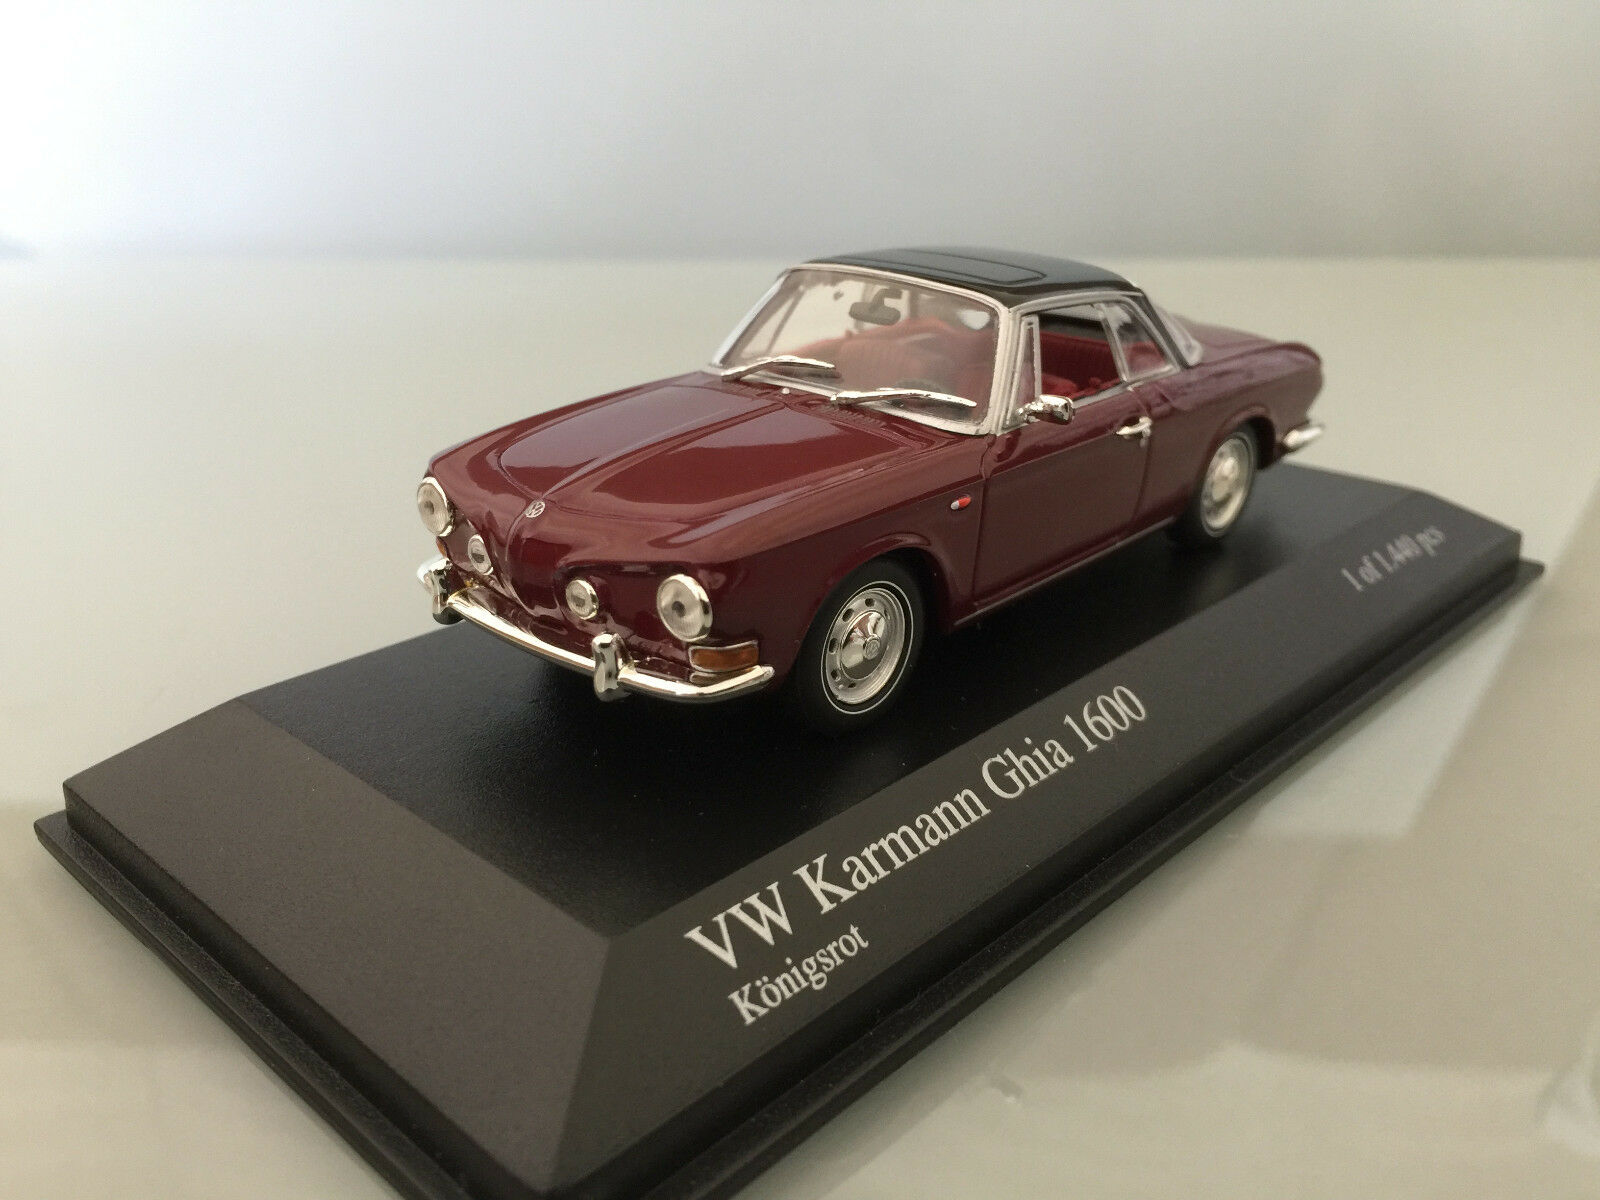 1 43 Minichamps VW Karmann Ghia 1600, 1966, königsrouge